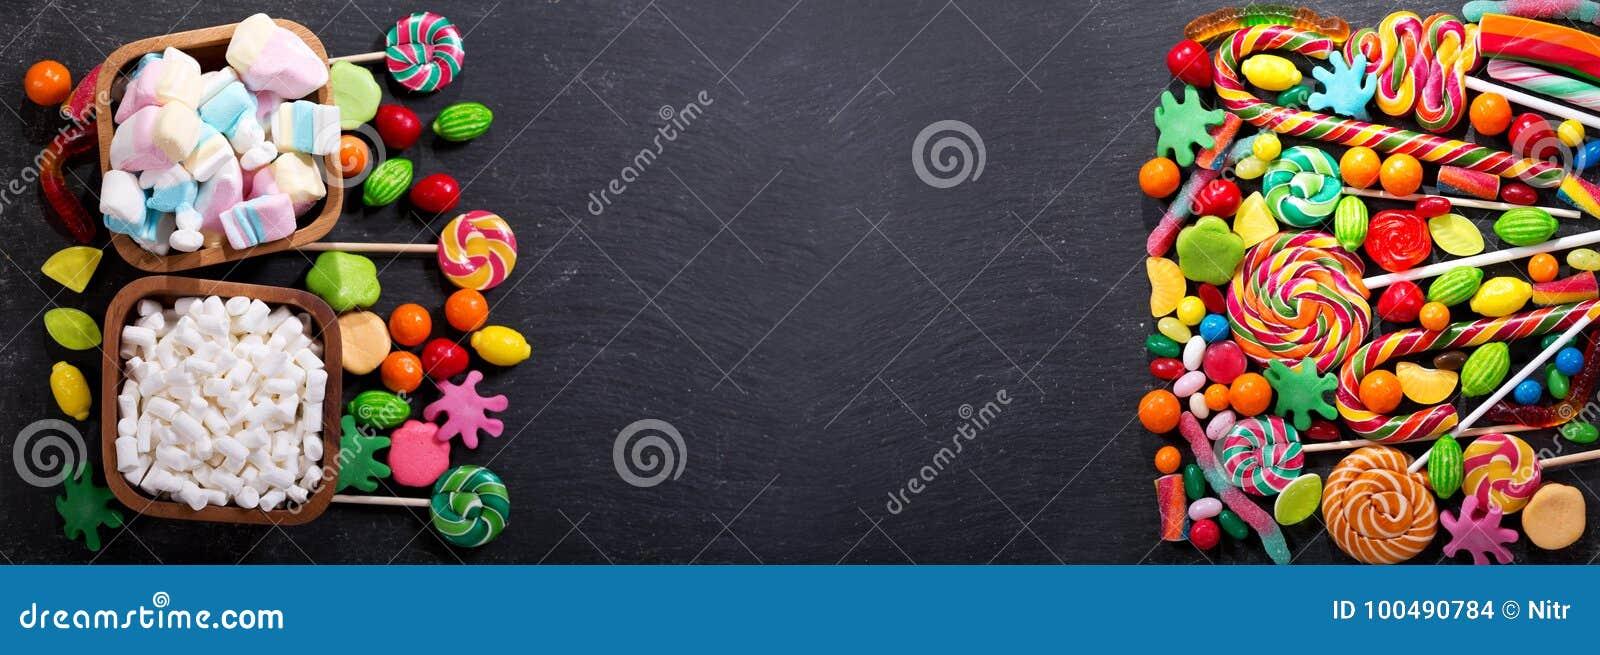 Różnorodni kolorowi cukierki, galarety, lizaki i marmoladowy,